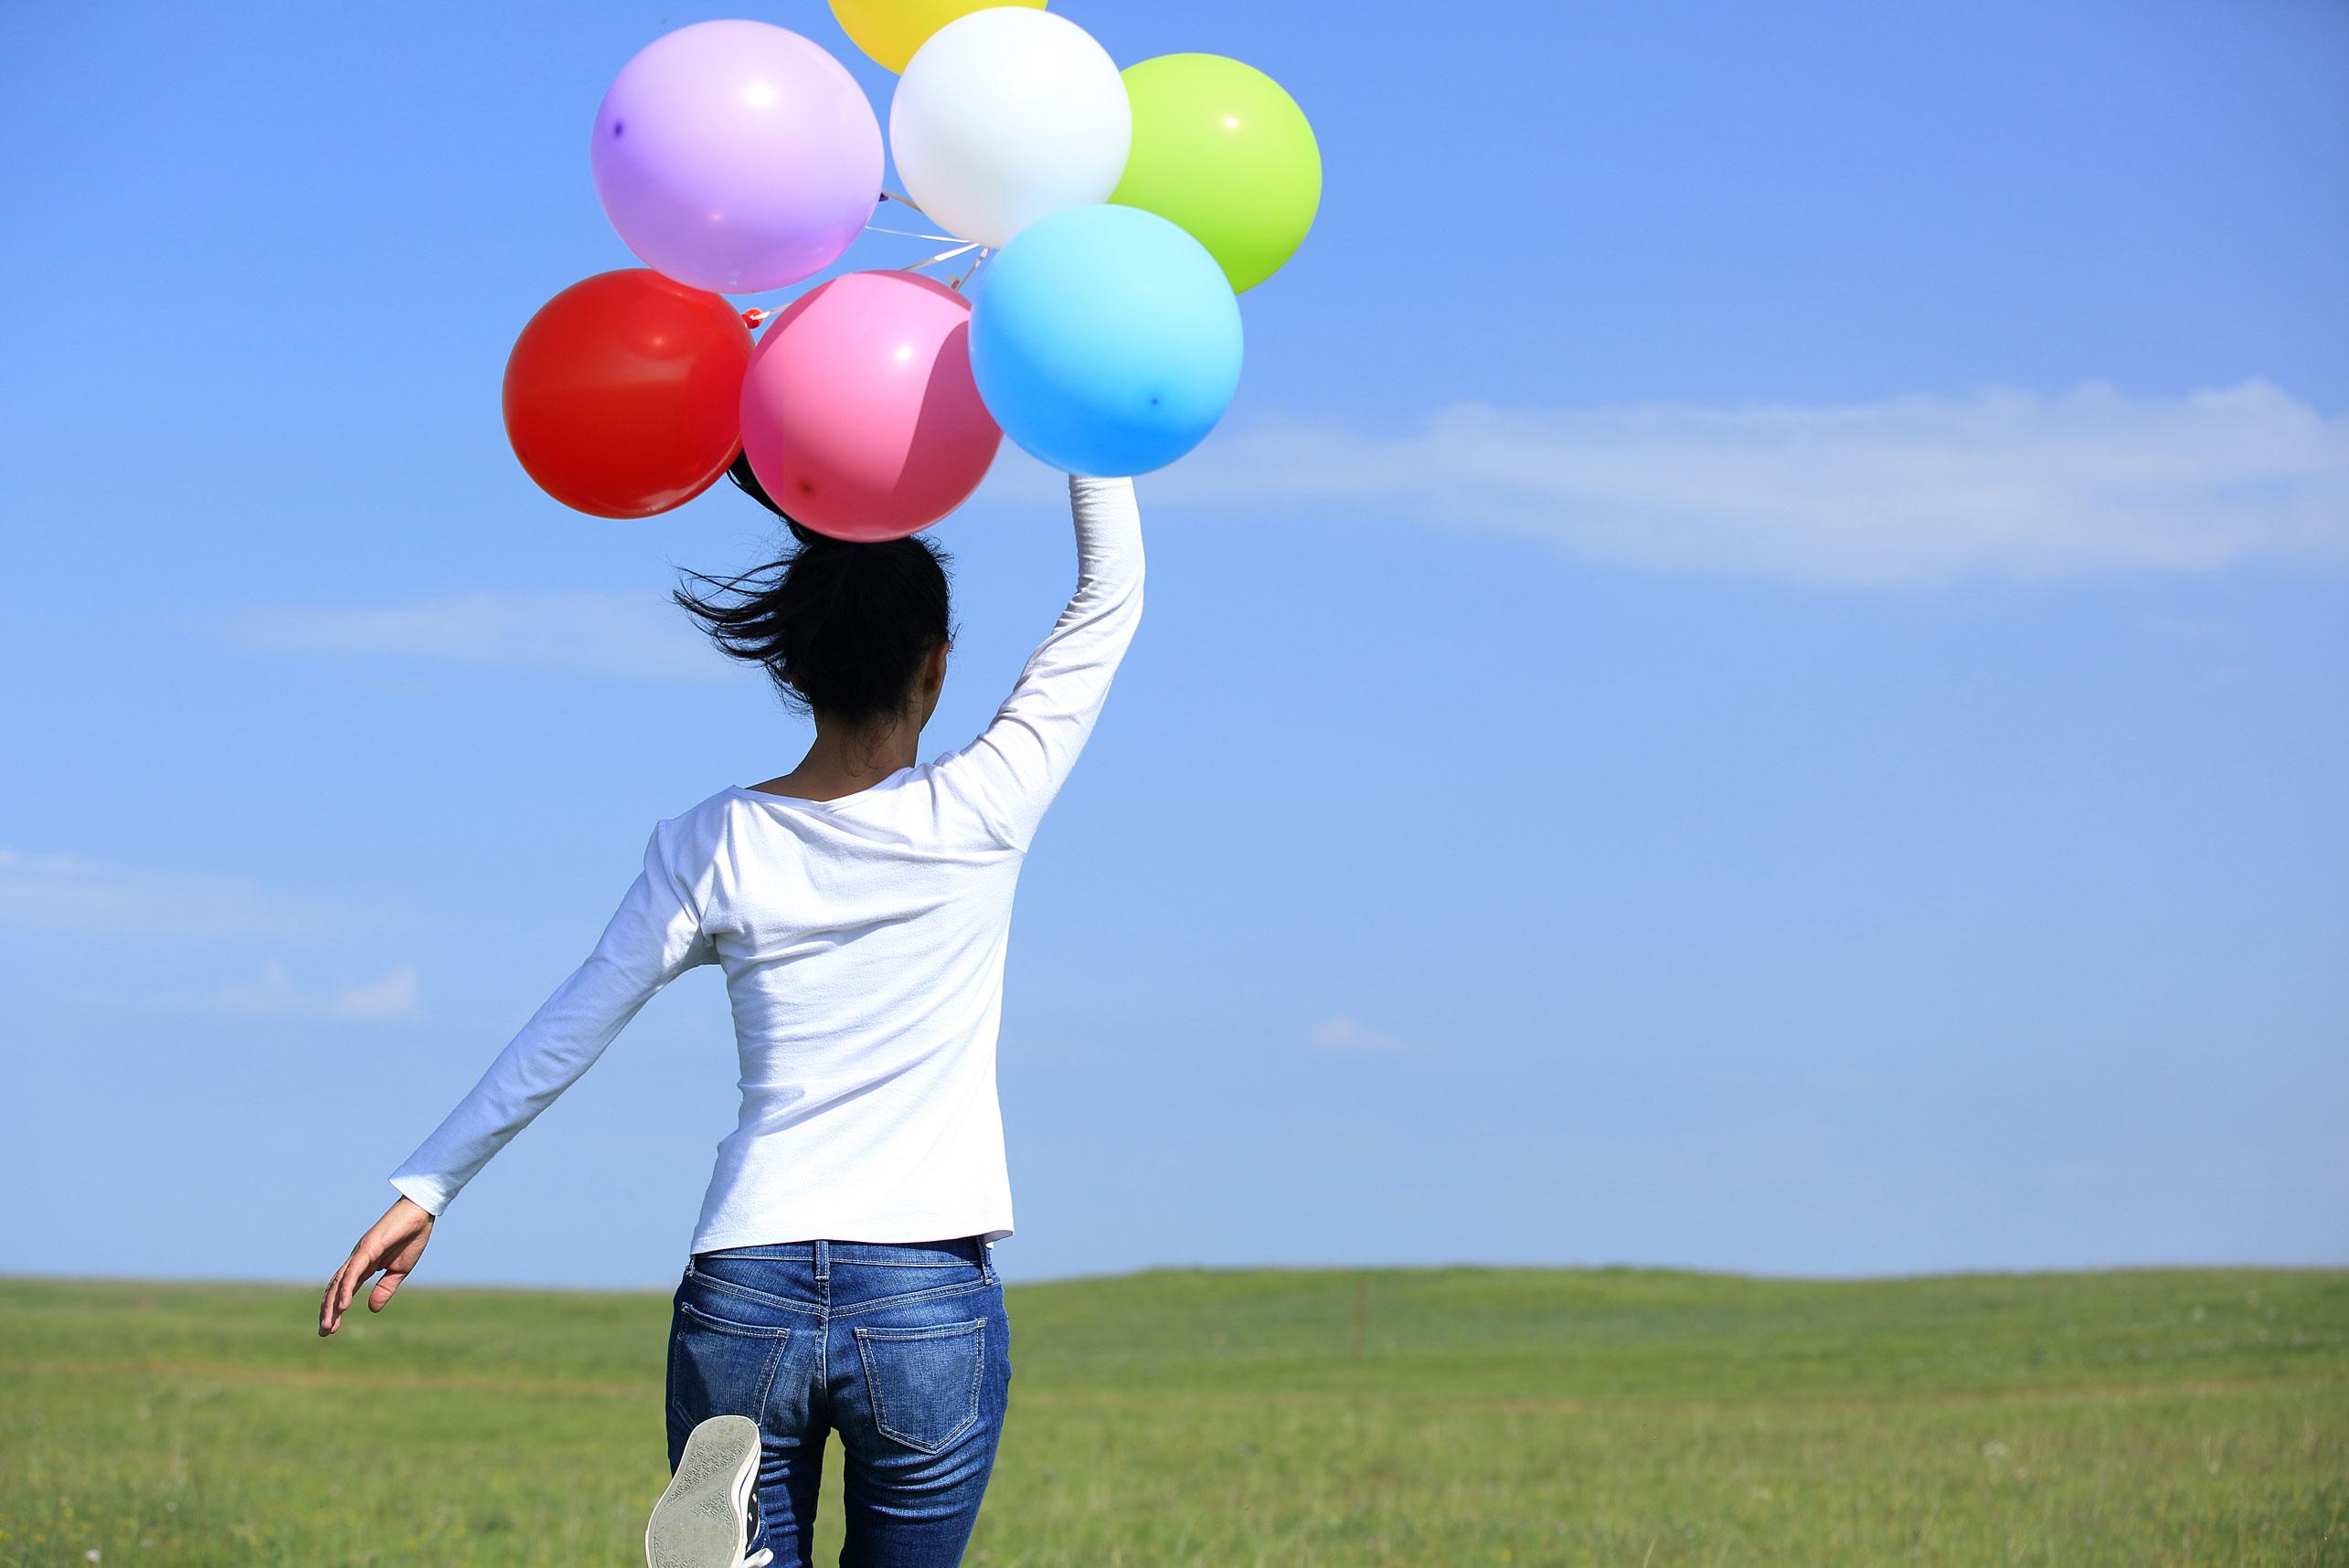 Kuukupin käyttäjänainen juoksee ilmapallojen kanssa